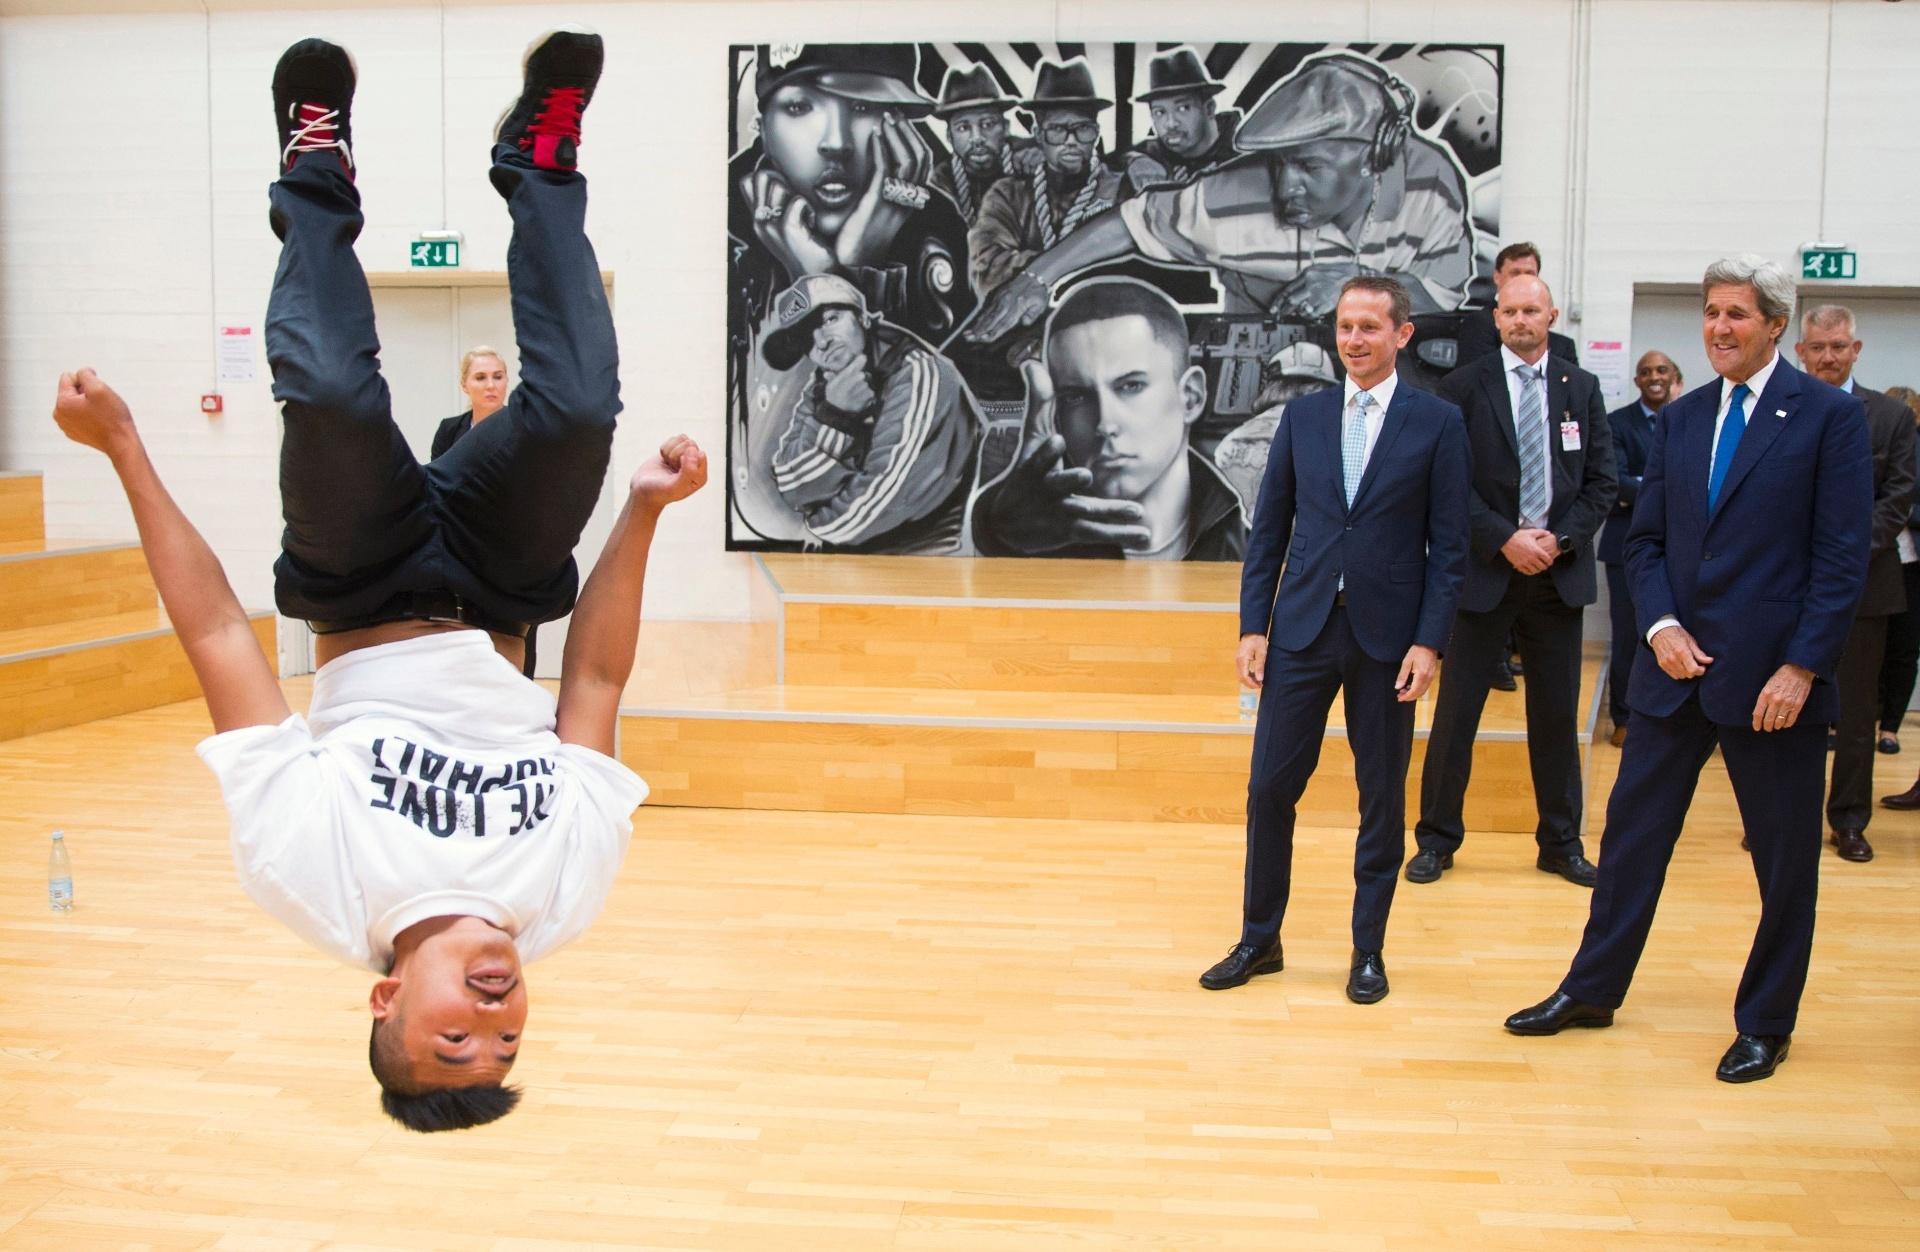 17.jun.2016 - O secretário de Estado norte-americano, John Kerry (à dir.), assiste a uma apresentação de dança ao lado do colega anfitrião, Kristian Jensen, em Copenhague. A apresentação na capital da Dinamarca faz parte de um tour criado pela Game, organização que promove esportes para a juventude